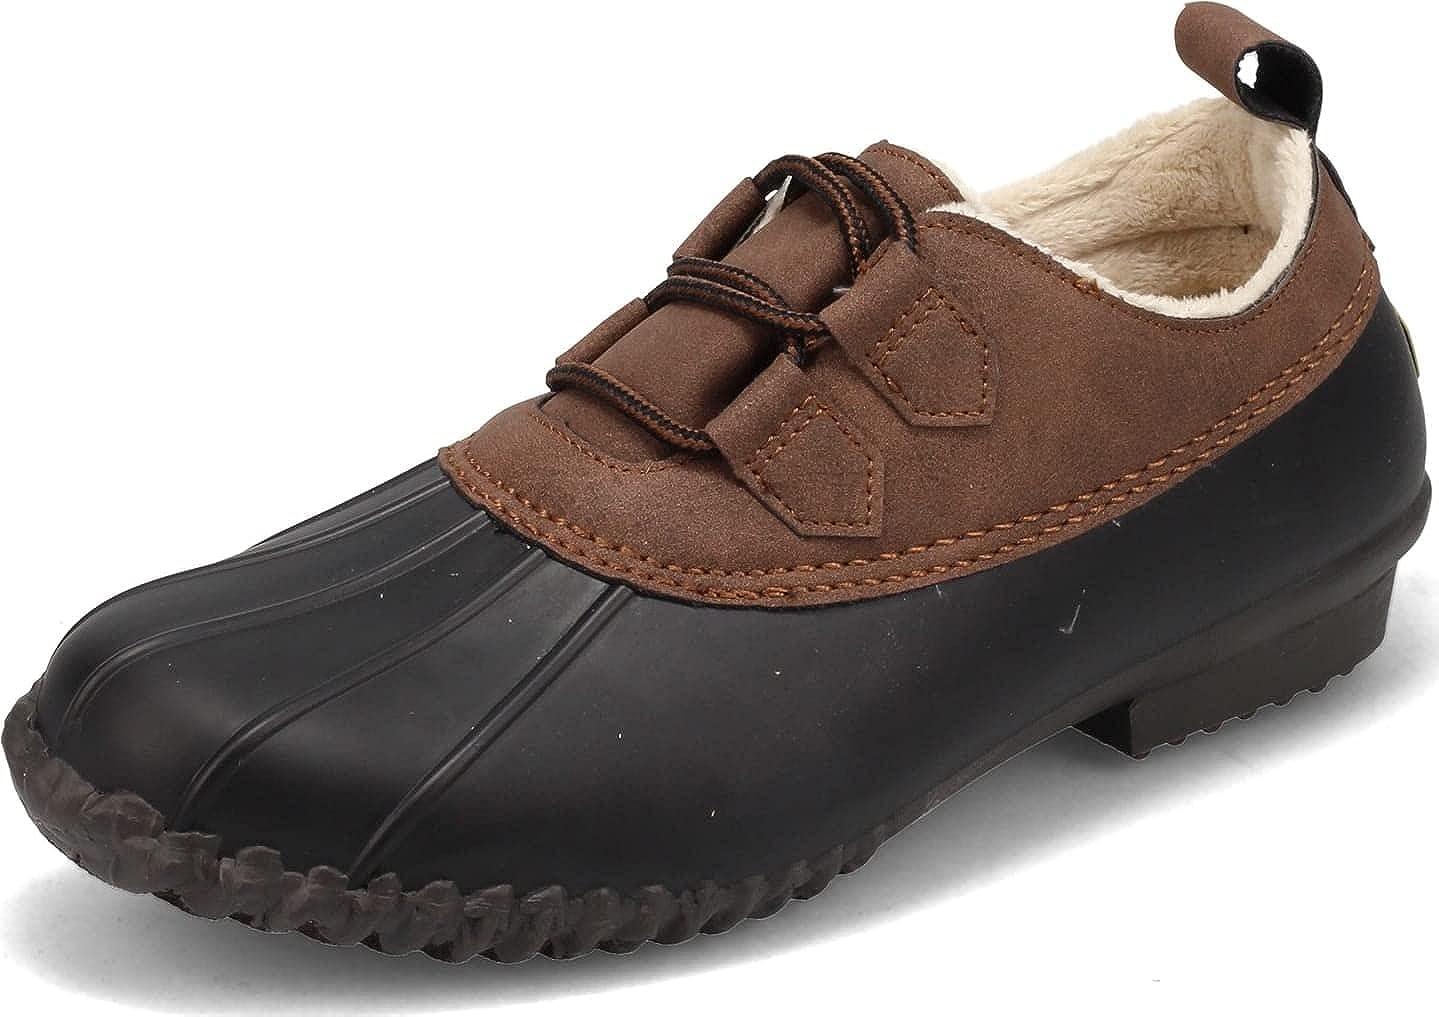   JBU by Jambu Women's Glenda Waterproof Rain Shoe   Rain Footwear